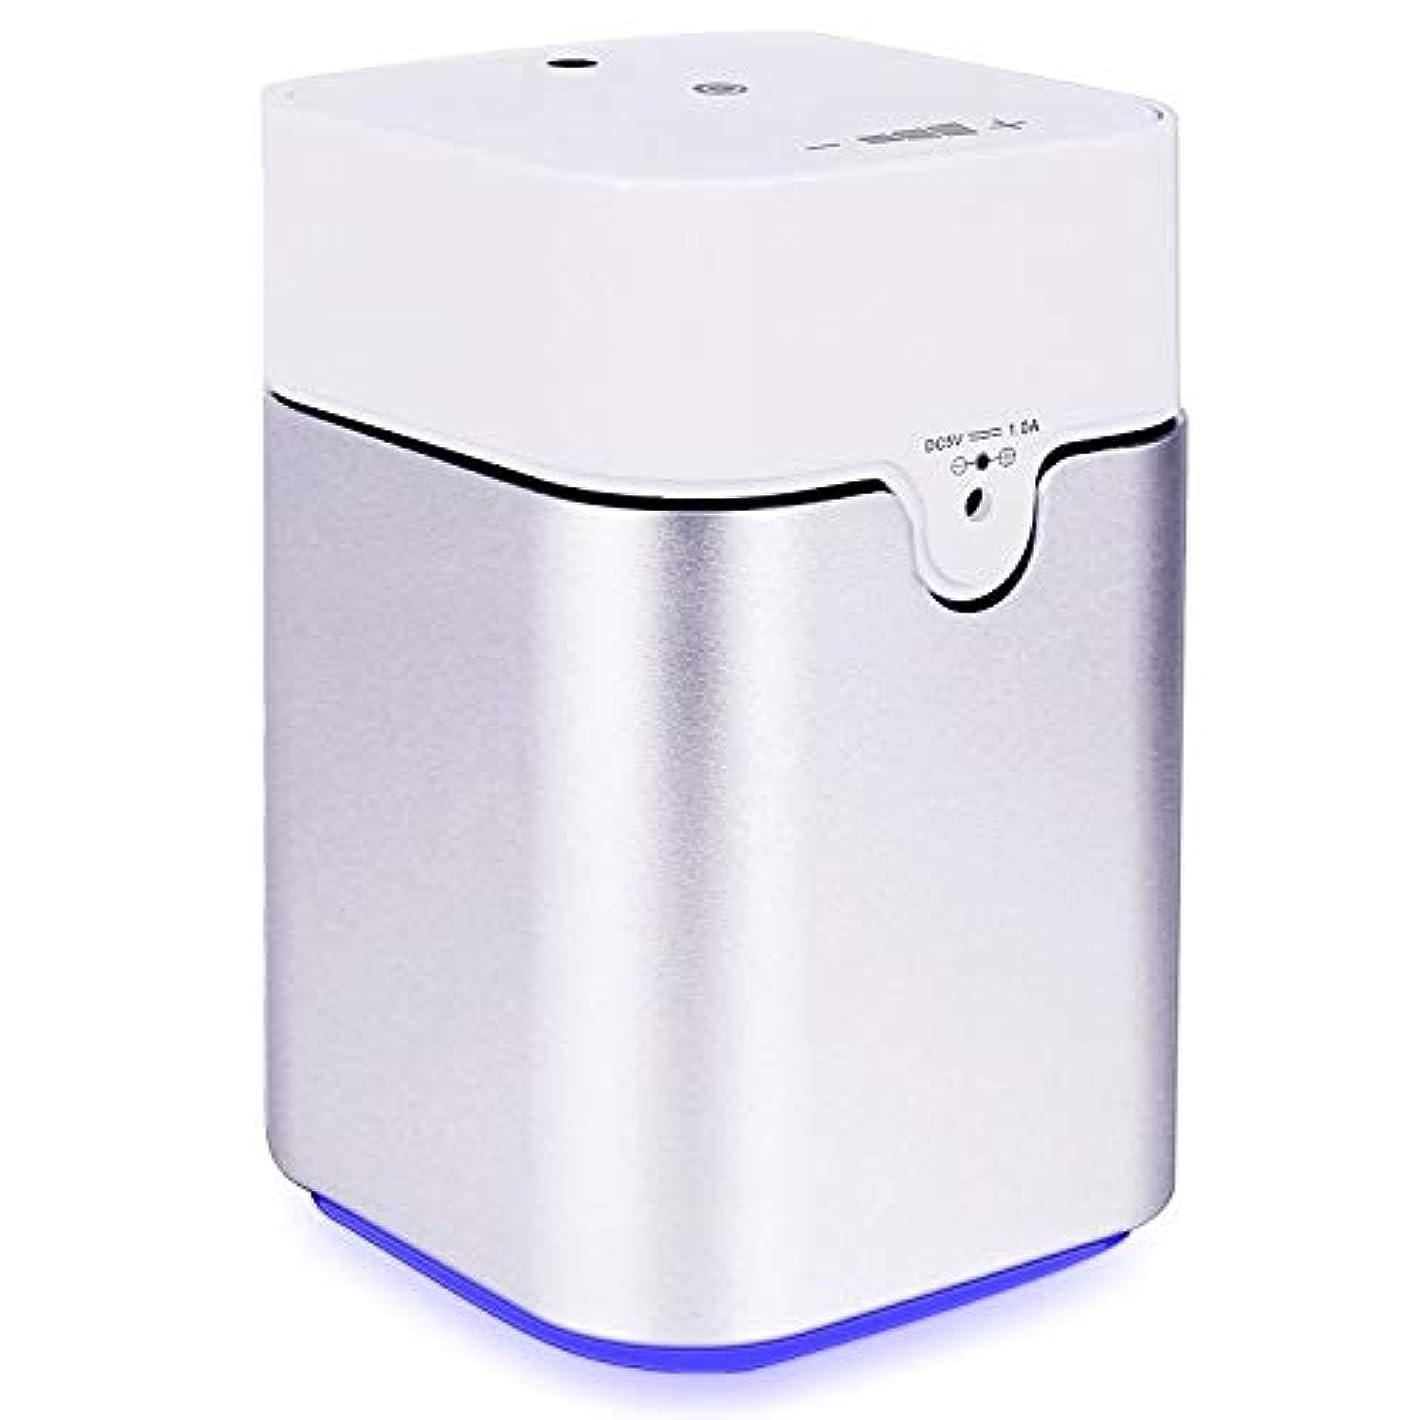 ファーザーファージュチップ気になるENERG e's Pure アロマディフューザー ヨガ室 整体院人気 タイマー機能 ネブライザー式 量調整可能 精油瓶3個付き T11-ENS082